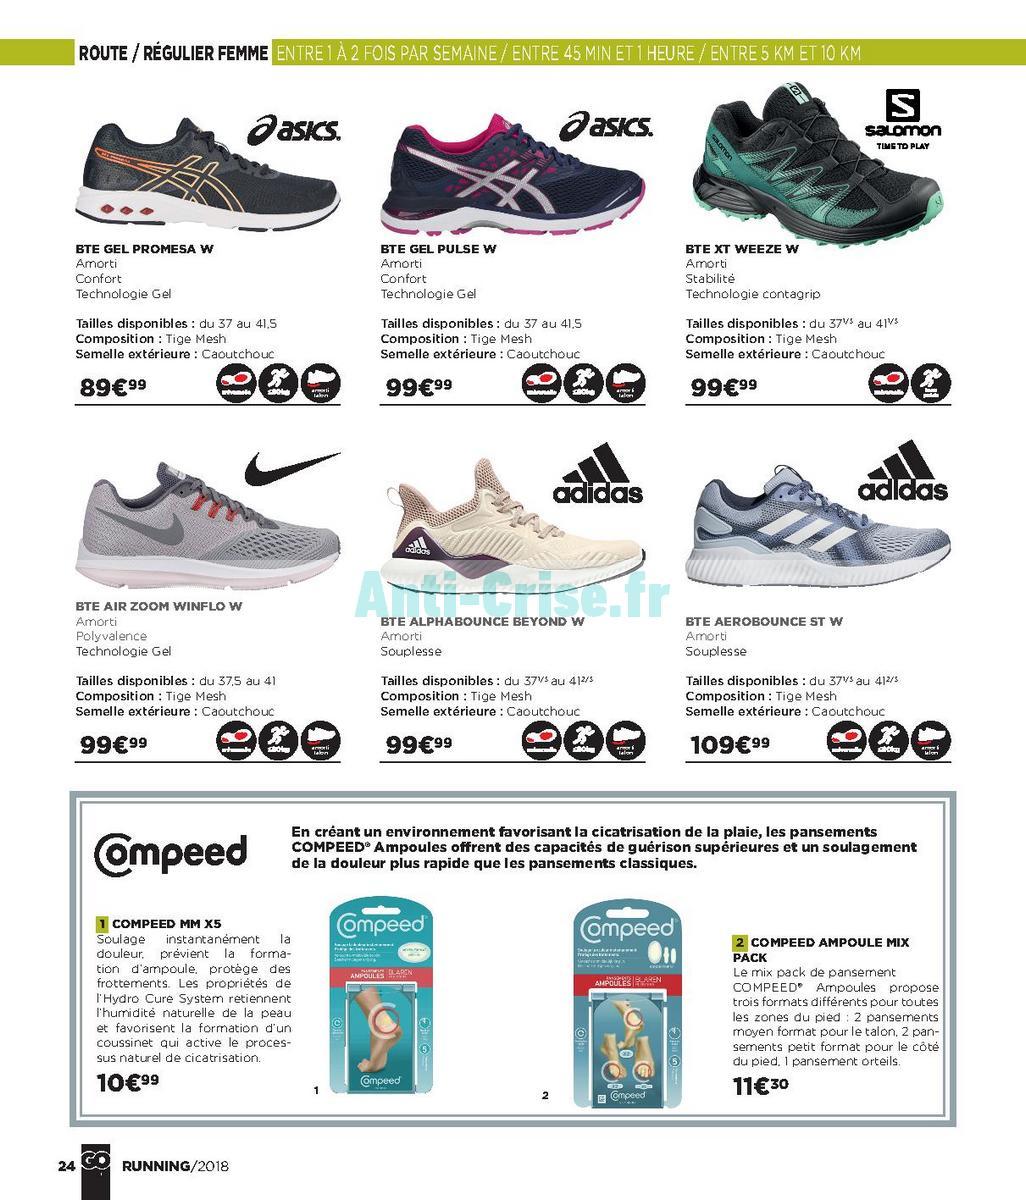 septembre2018 Catalogue Go Sport du 28 avril au 21 septembre 2018 (Running) (24)